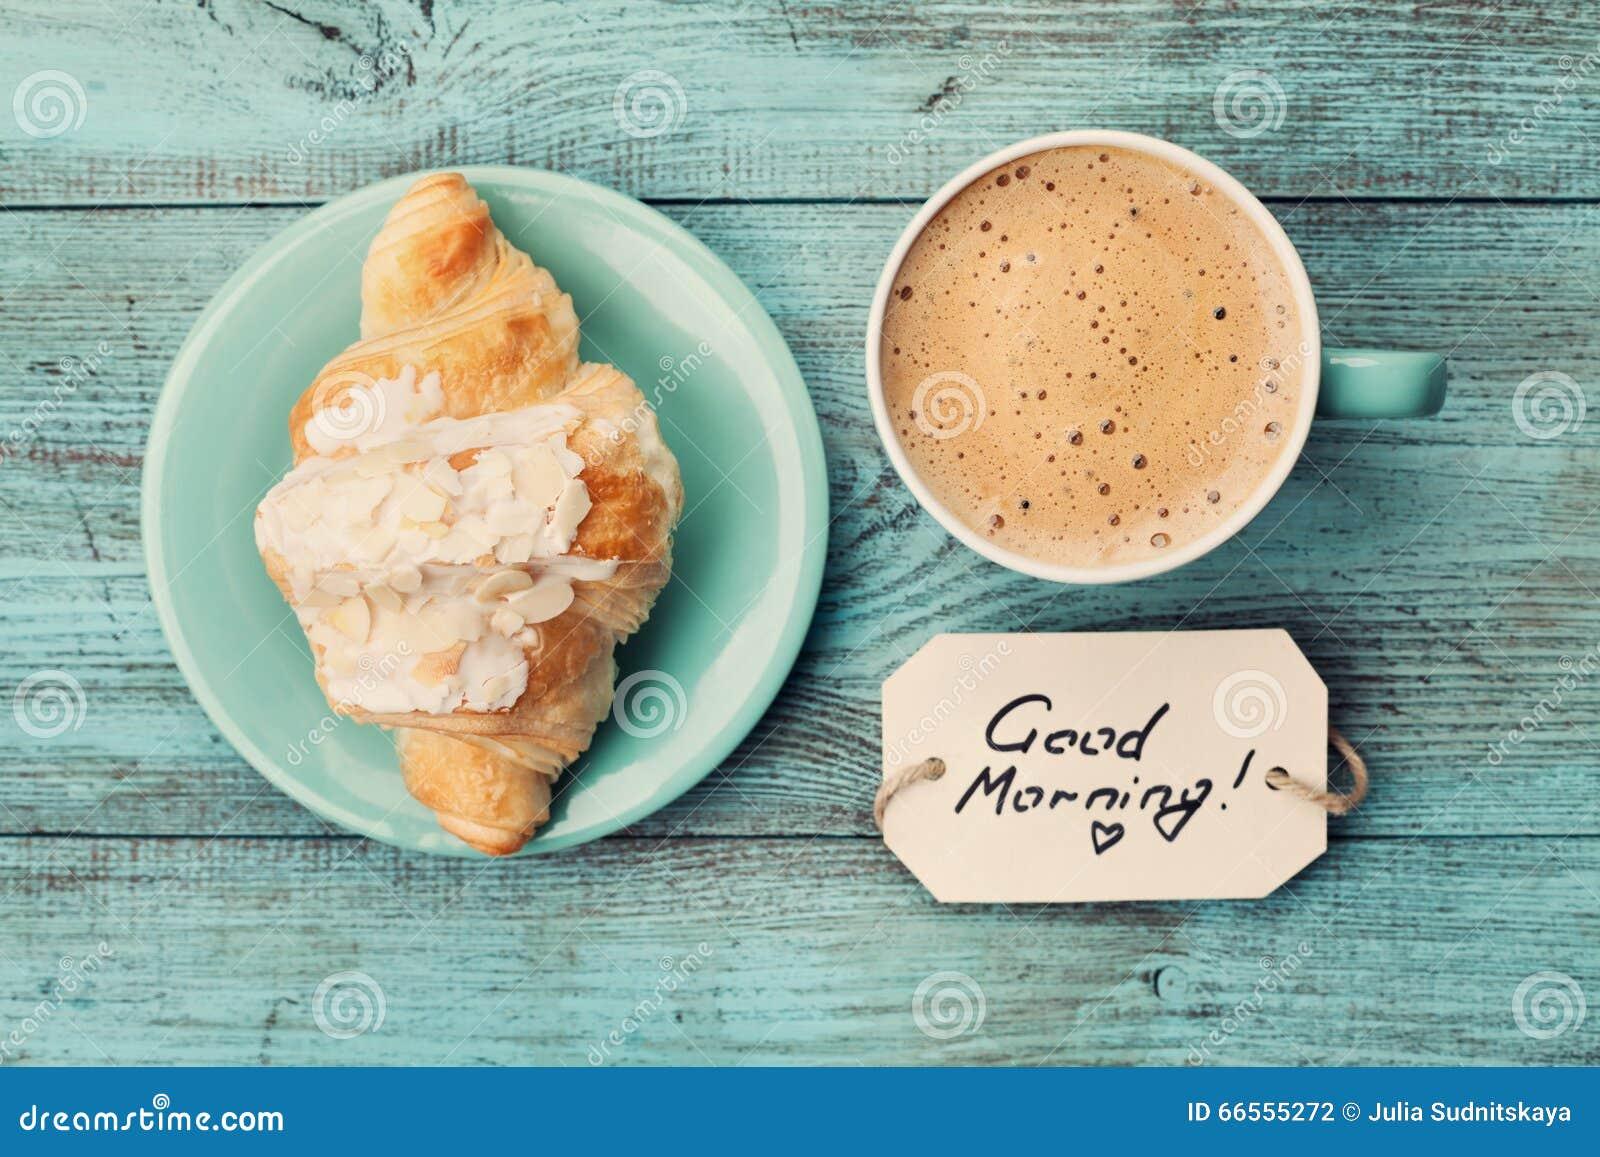 Κούπα καφέ με τη croissant και καλημέρα σημειώσεων στον τυρκουάζ αγροτικό πίνακα άνωθεν, άνετο και νόστιμο πρόγευμα